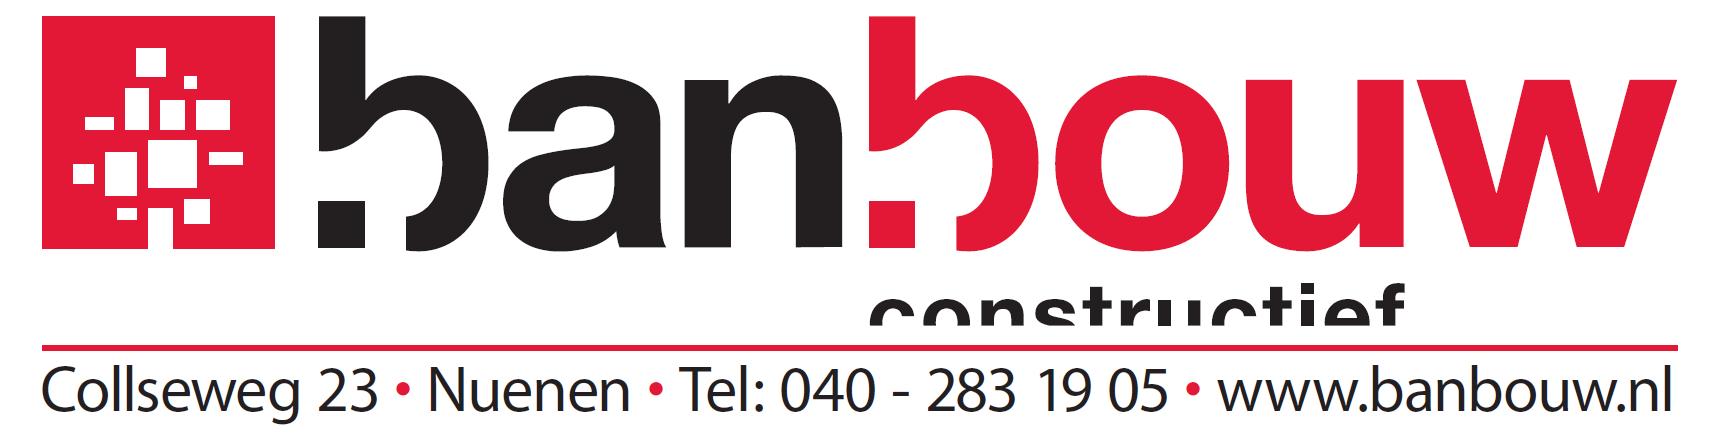 nieuw logo banbouw